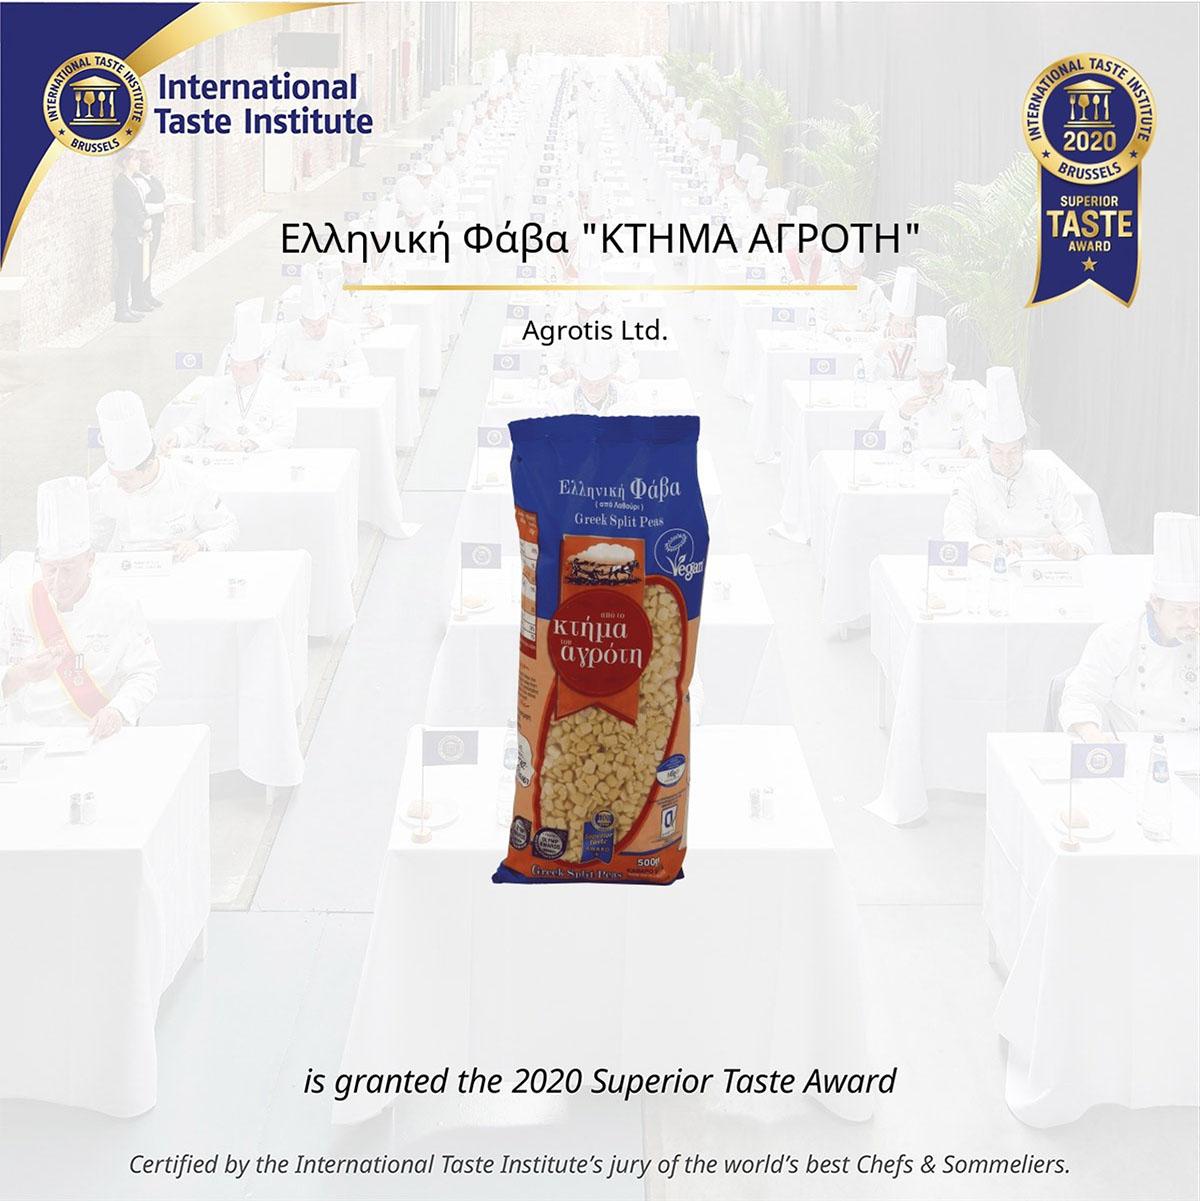 ελληνικη φαβα